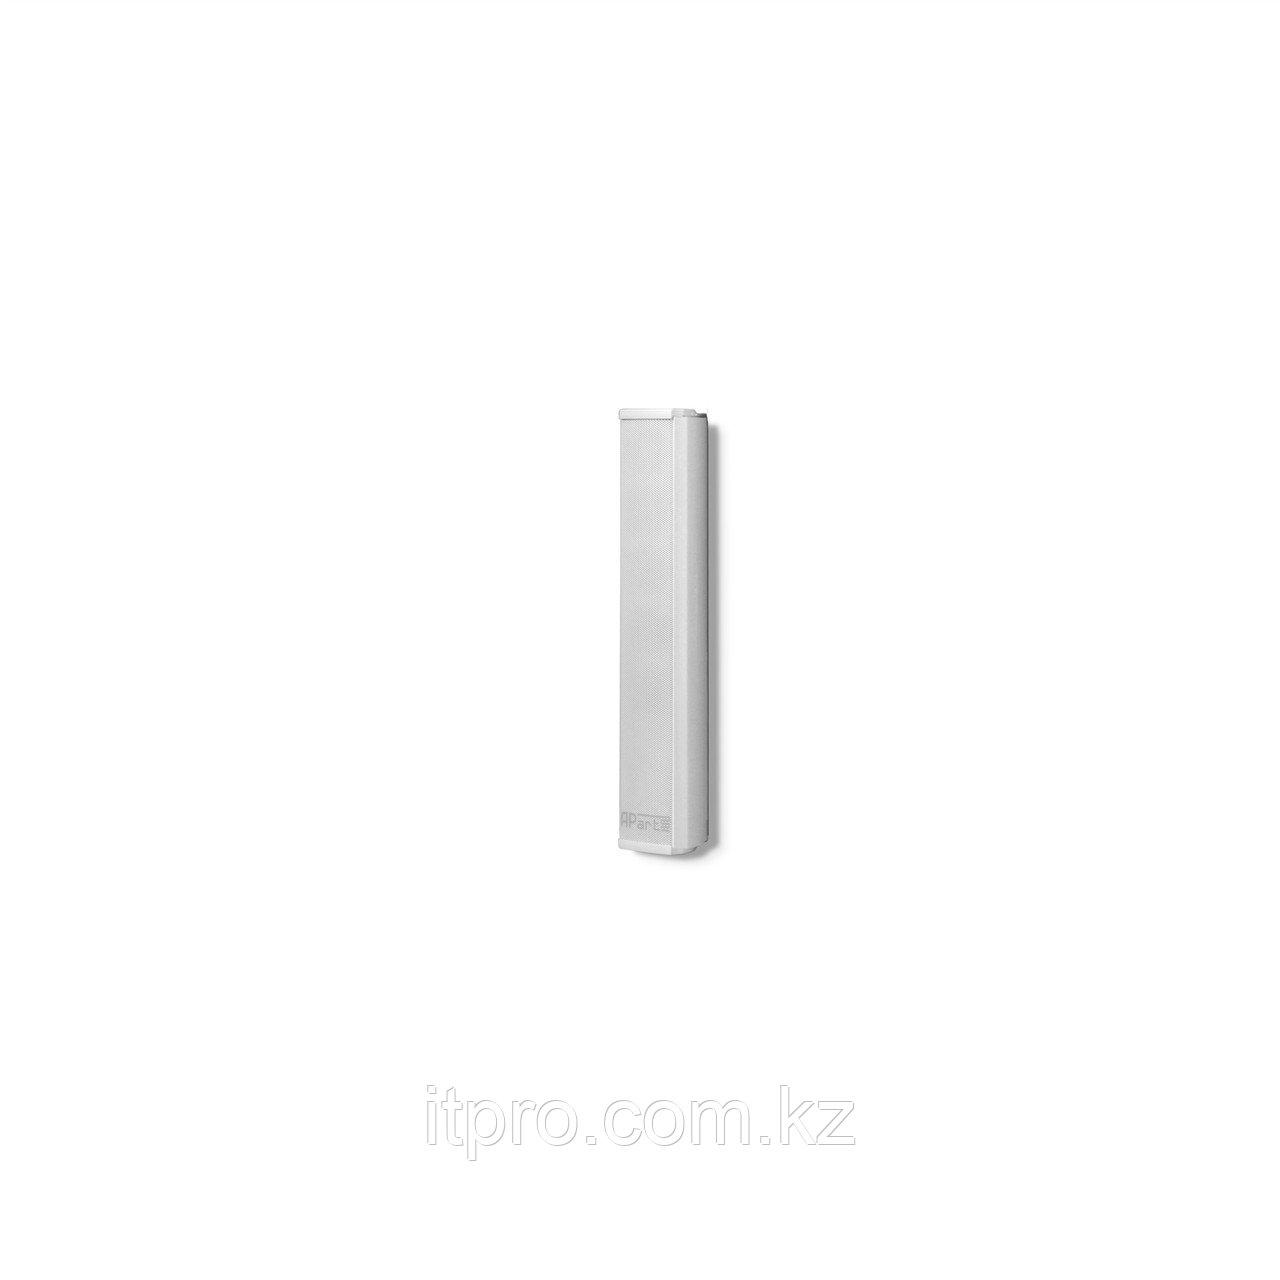 Звуковая колонна Apart COLS41